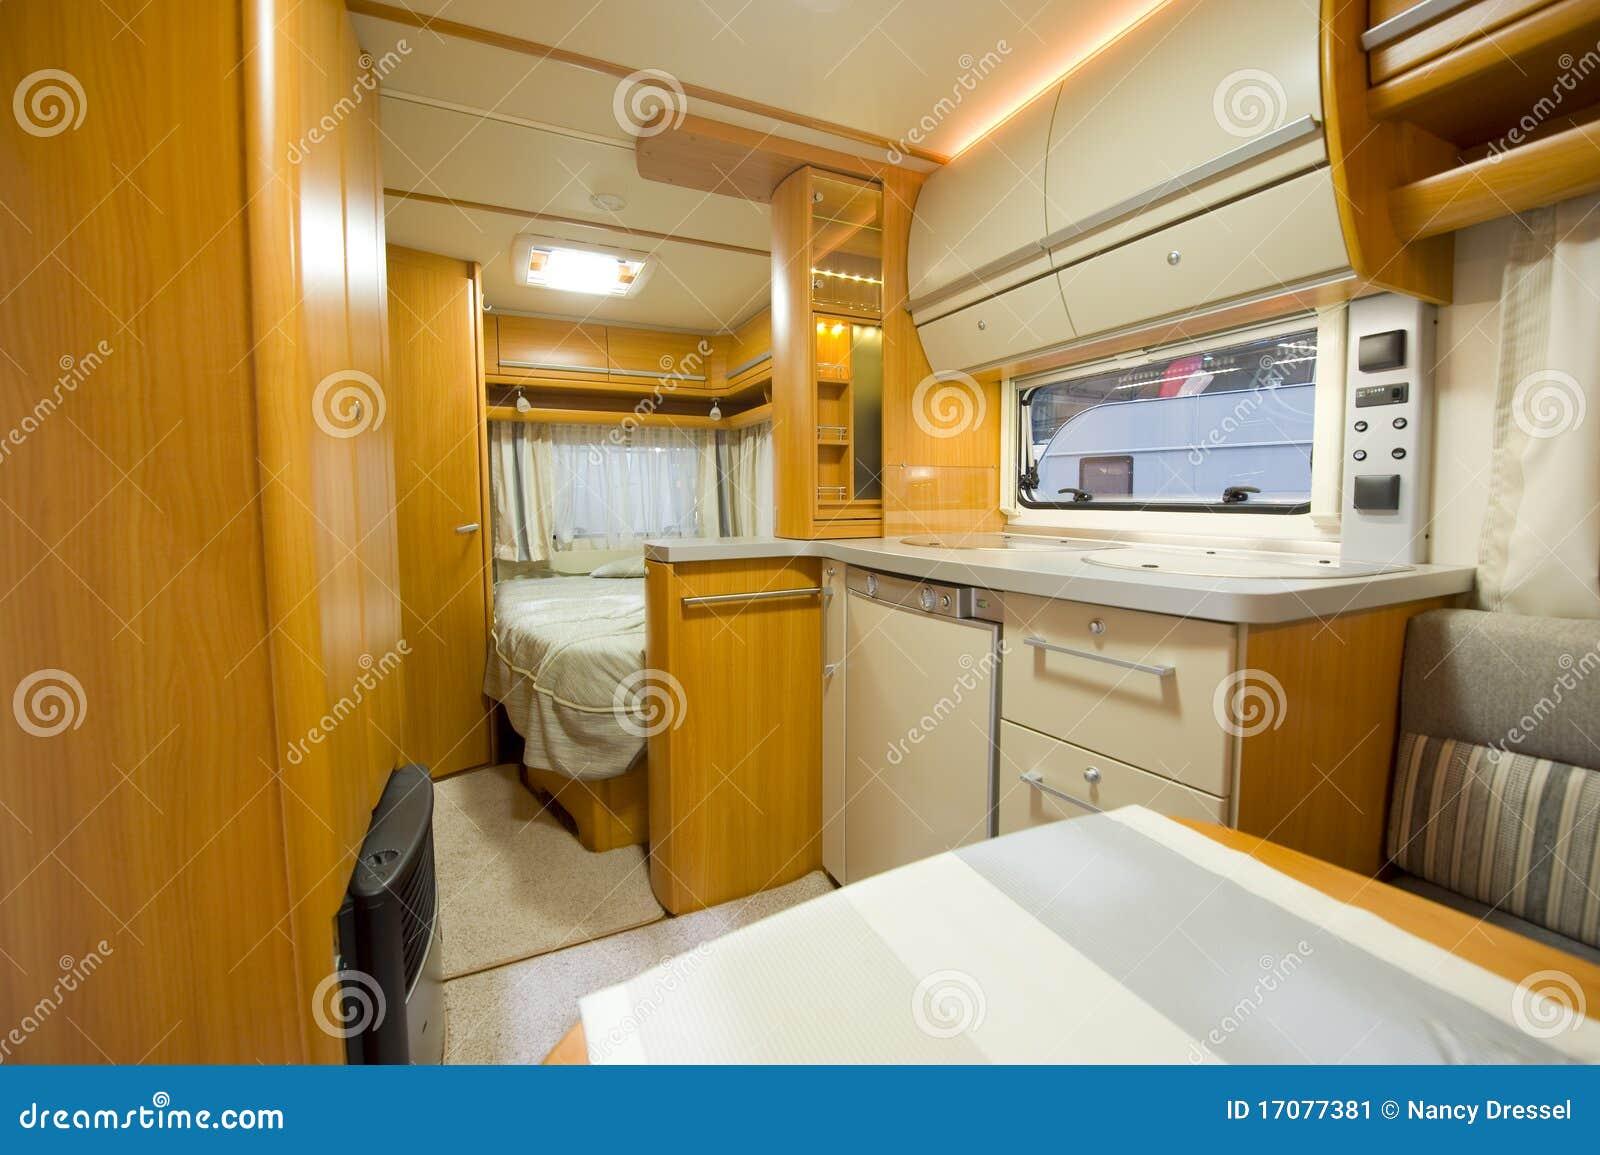 Assez Interieur d un camping car | Voyage sponsorisé IW29